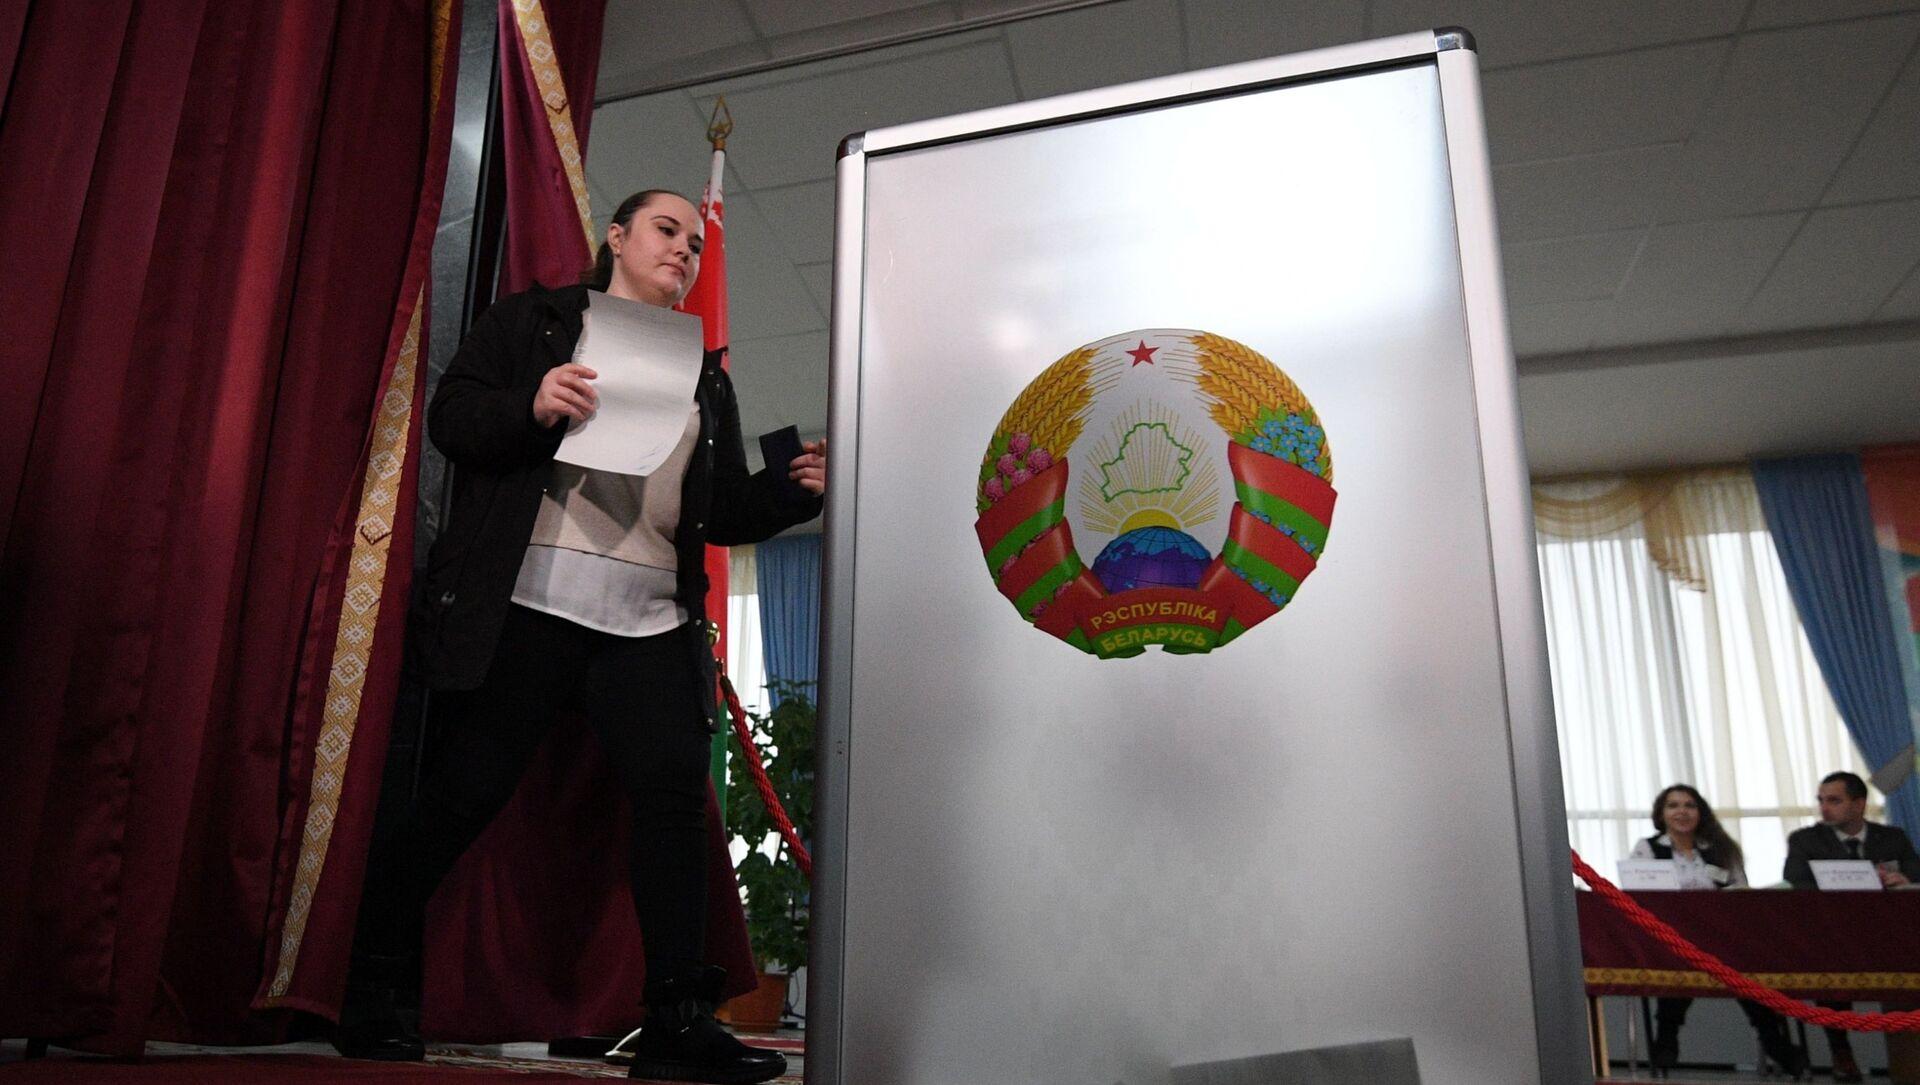 Урна для голосования на избирательном участке №1, архивное фото - Sputnik Беларусь, 1920, 07.05.2021